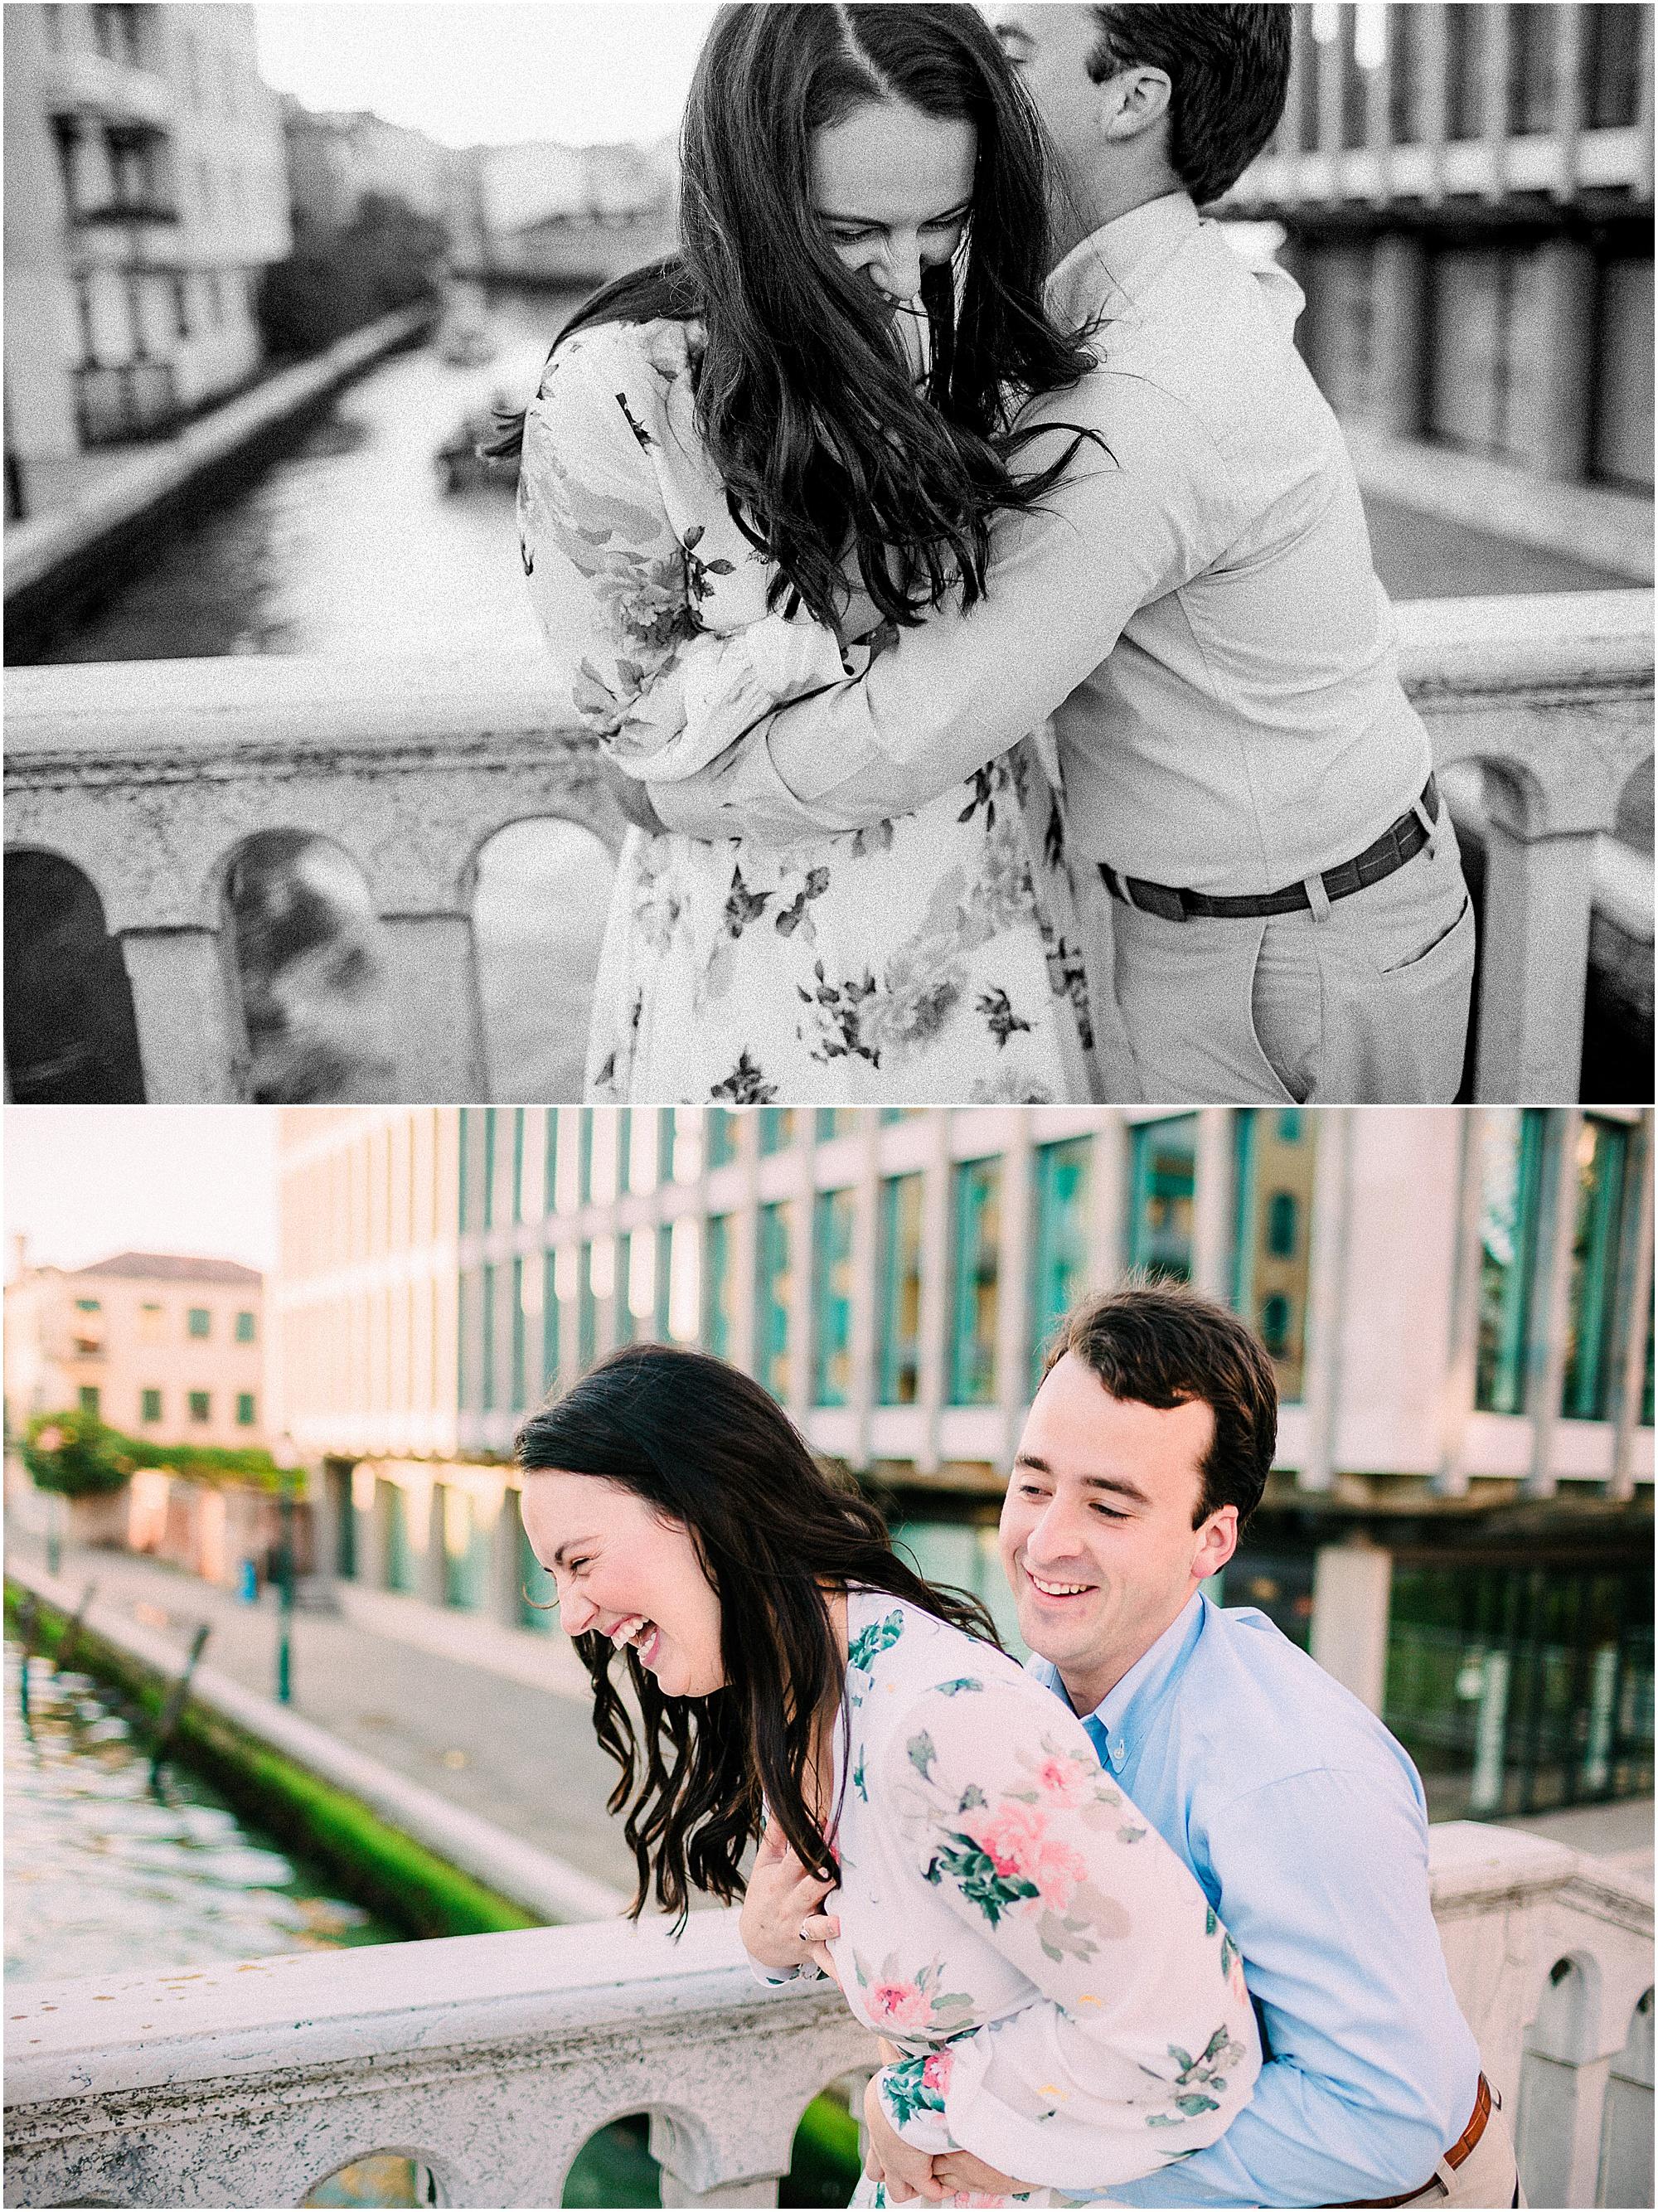 couple-lifestyle-photoshoot-in-venice-gondola-sunrise-stefano-degirmenci_0085.jpg